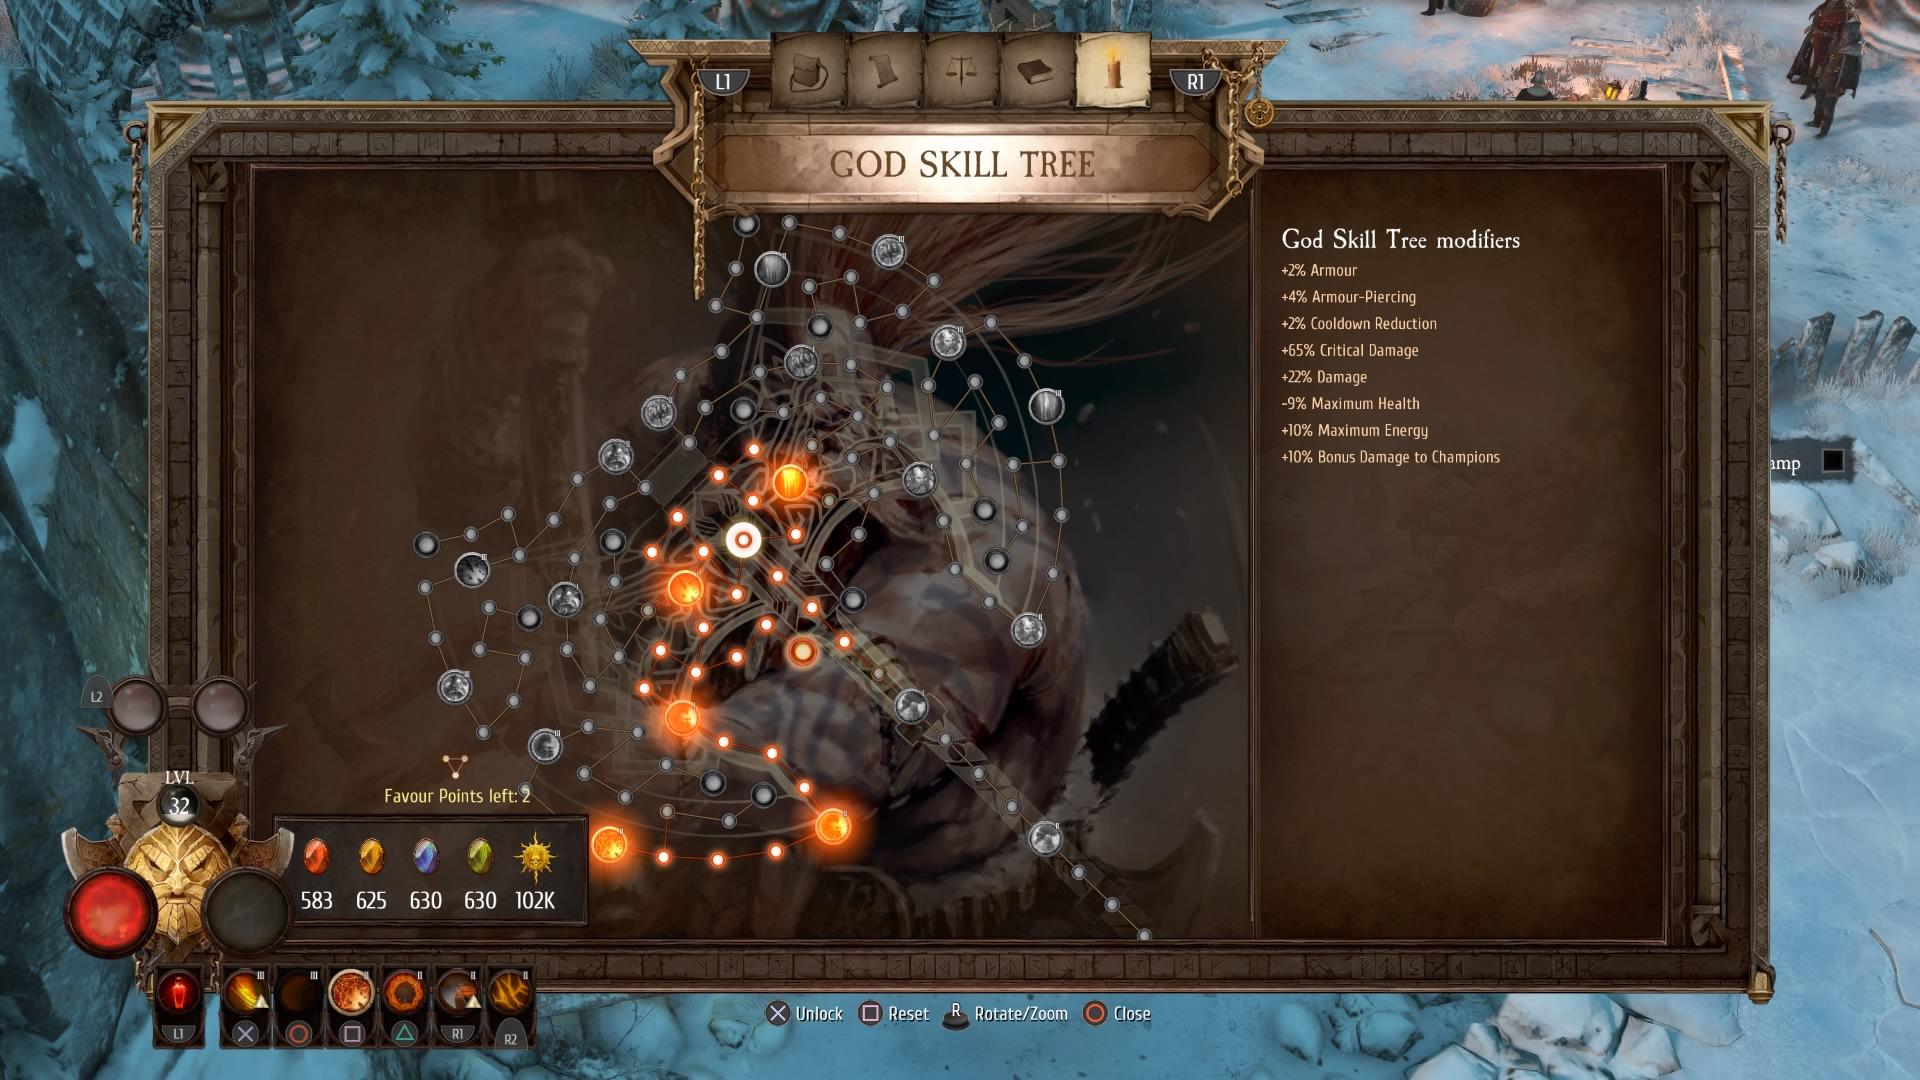 Warhammer Chaosbane God Skills